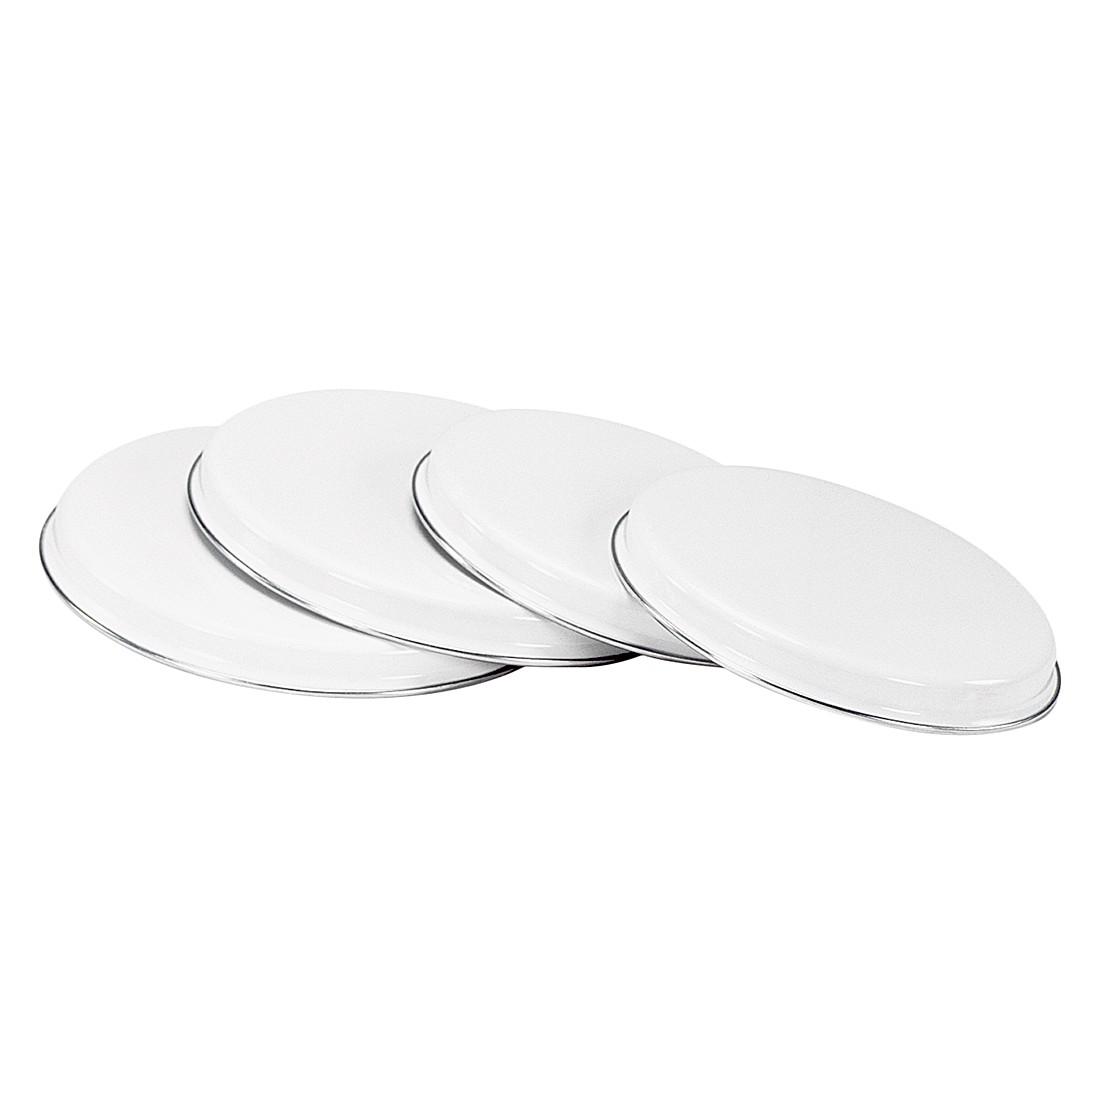 Herdplatten Set (4-teilig) – Weiß, Karl Krüger günstig online kaufen